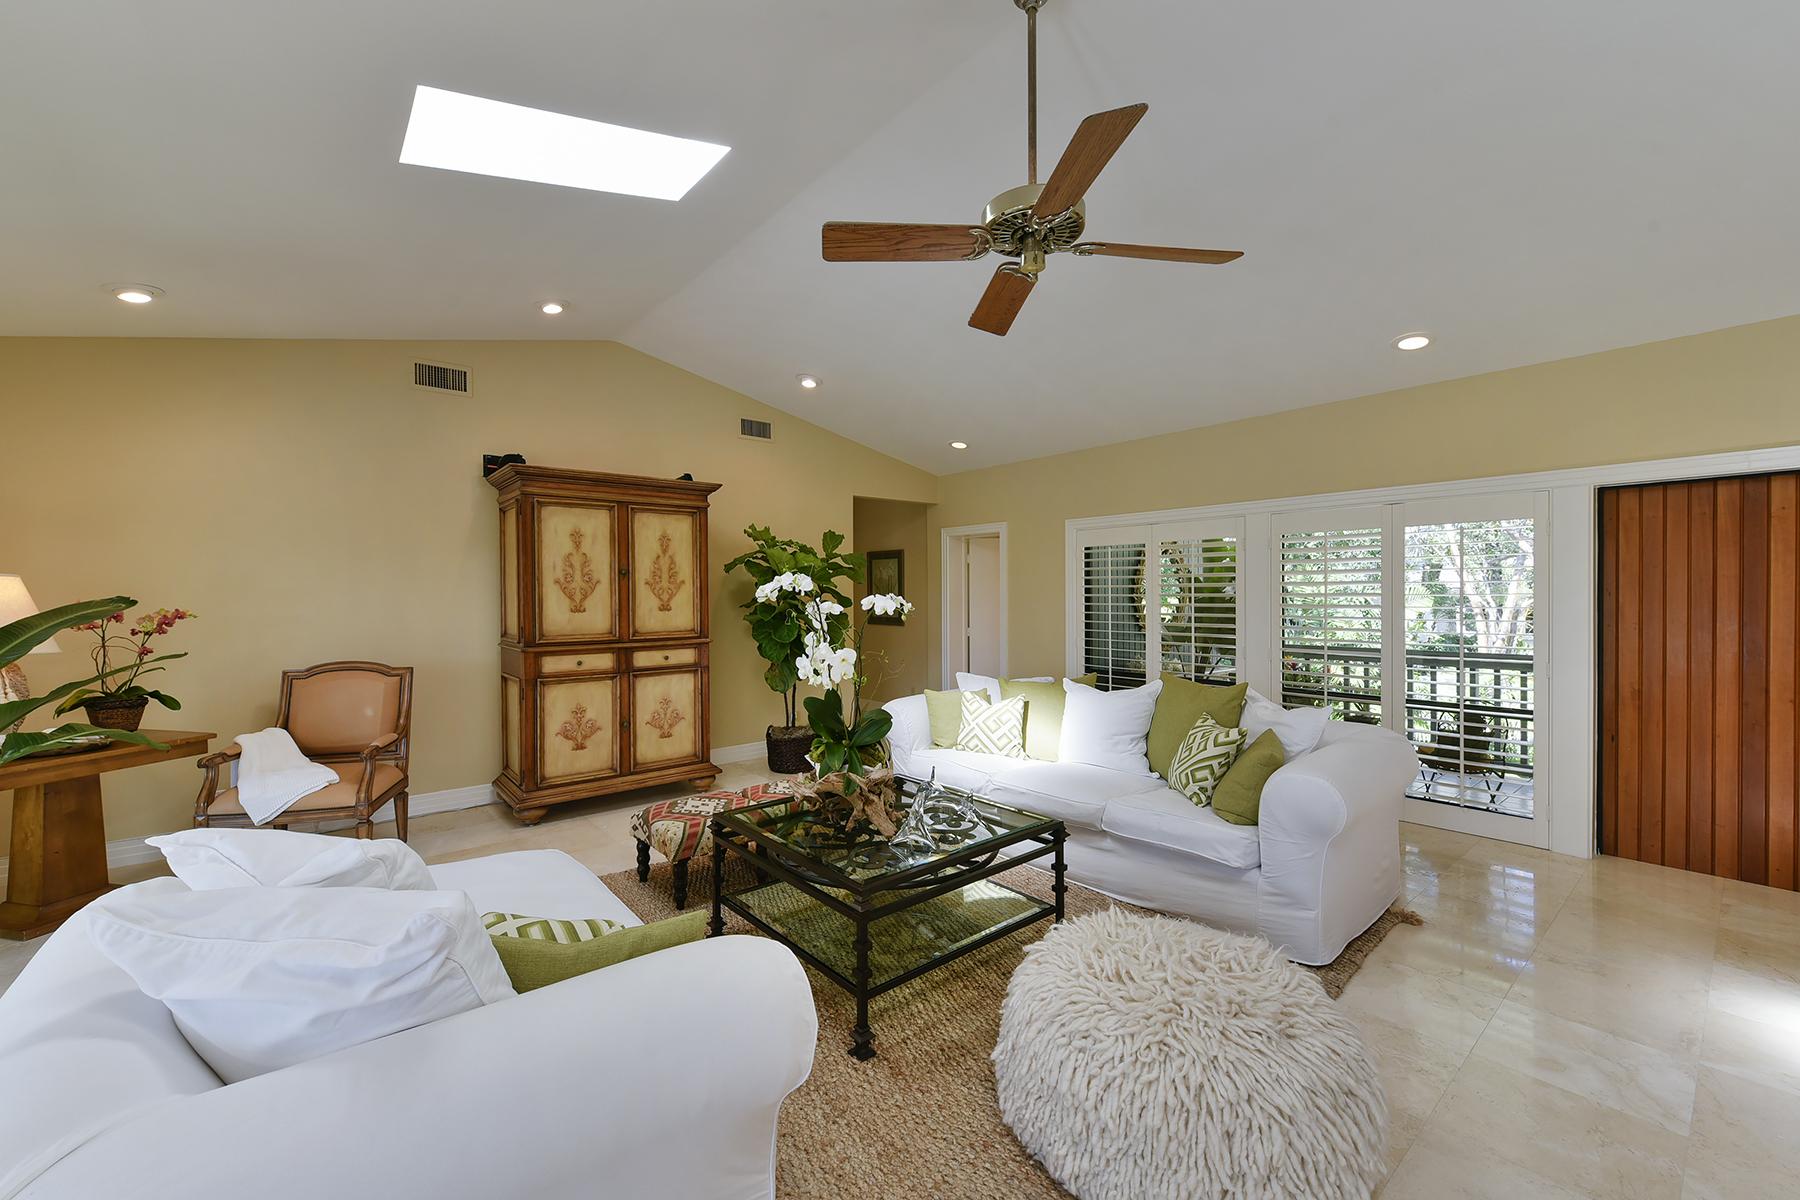 独户住宅 为 销售 在 Golf Course Home at Ocean Reef 39 South Bridge Lane Ocean Reef Community, 拉哥, 佛罗里达州, 33037 美国